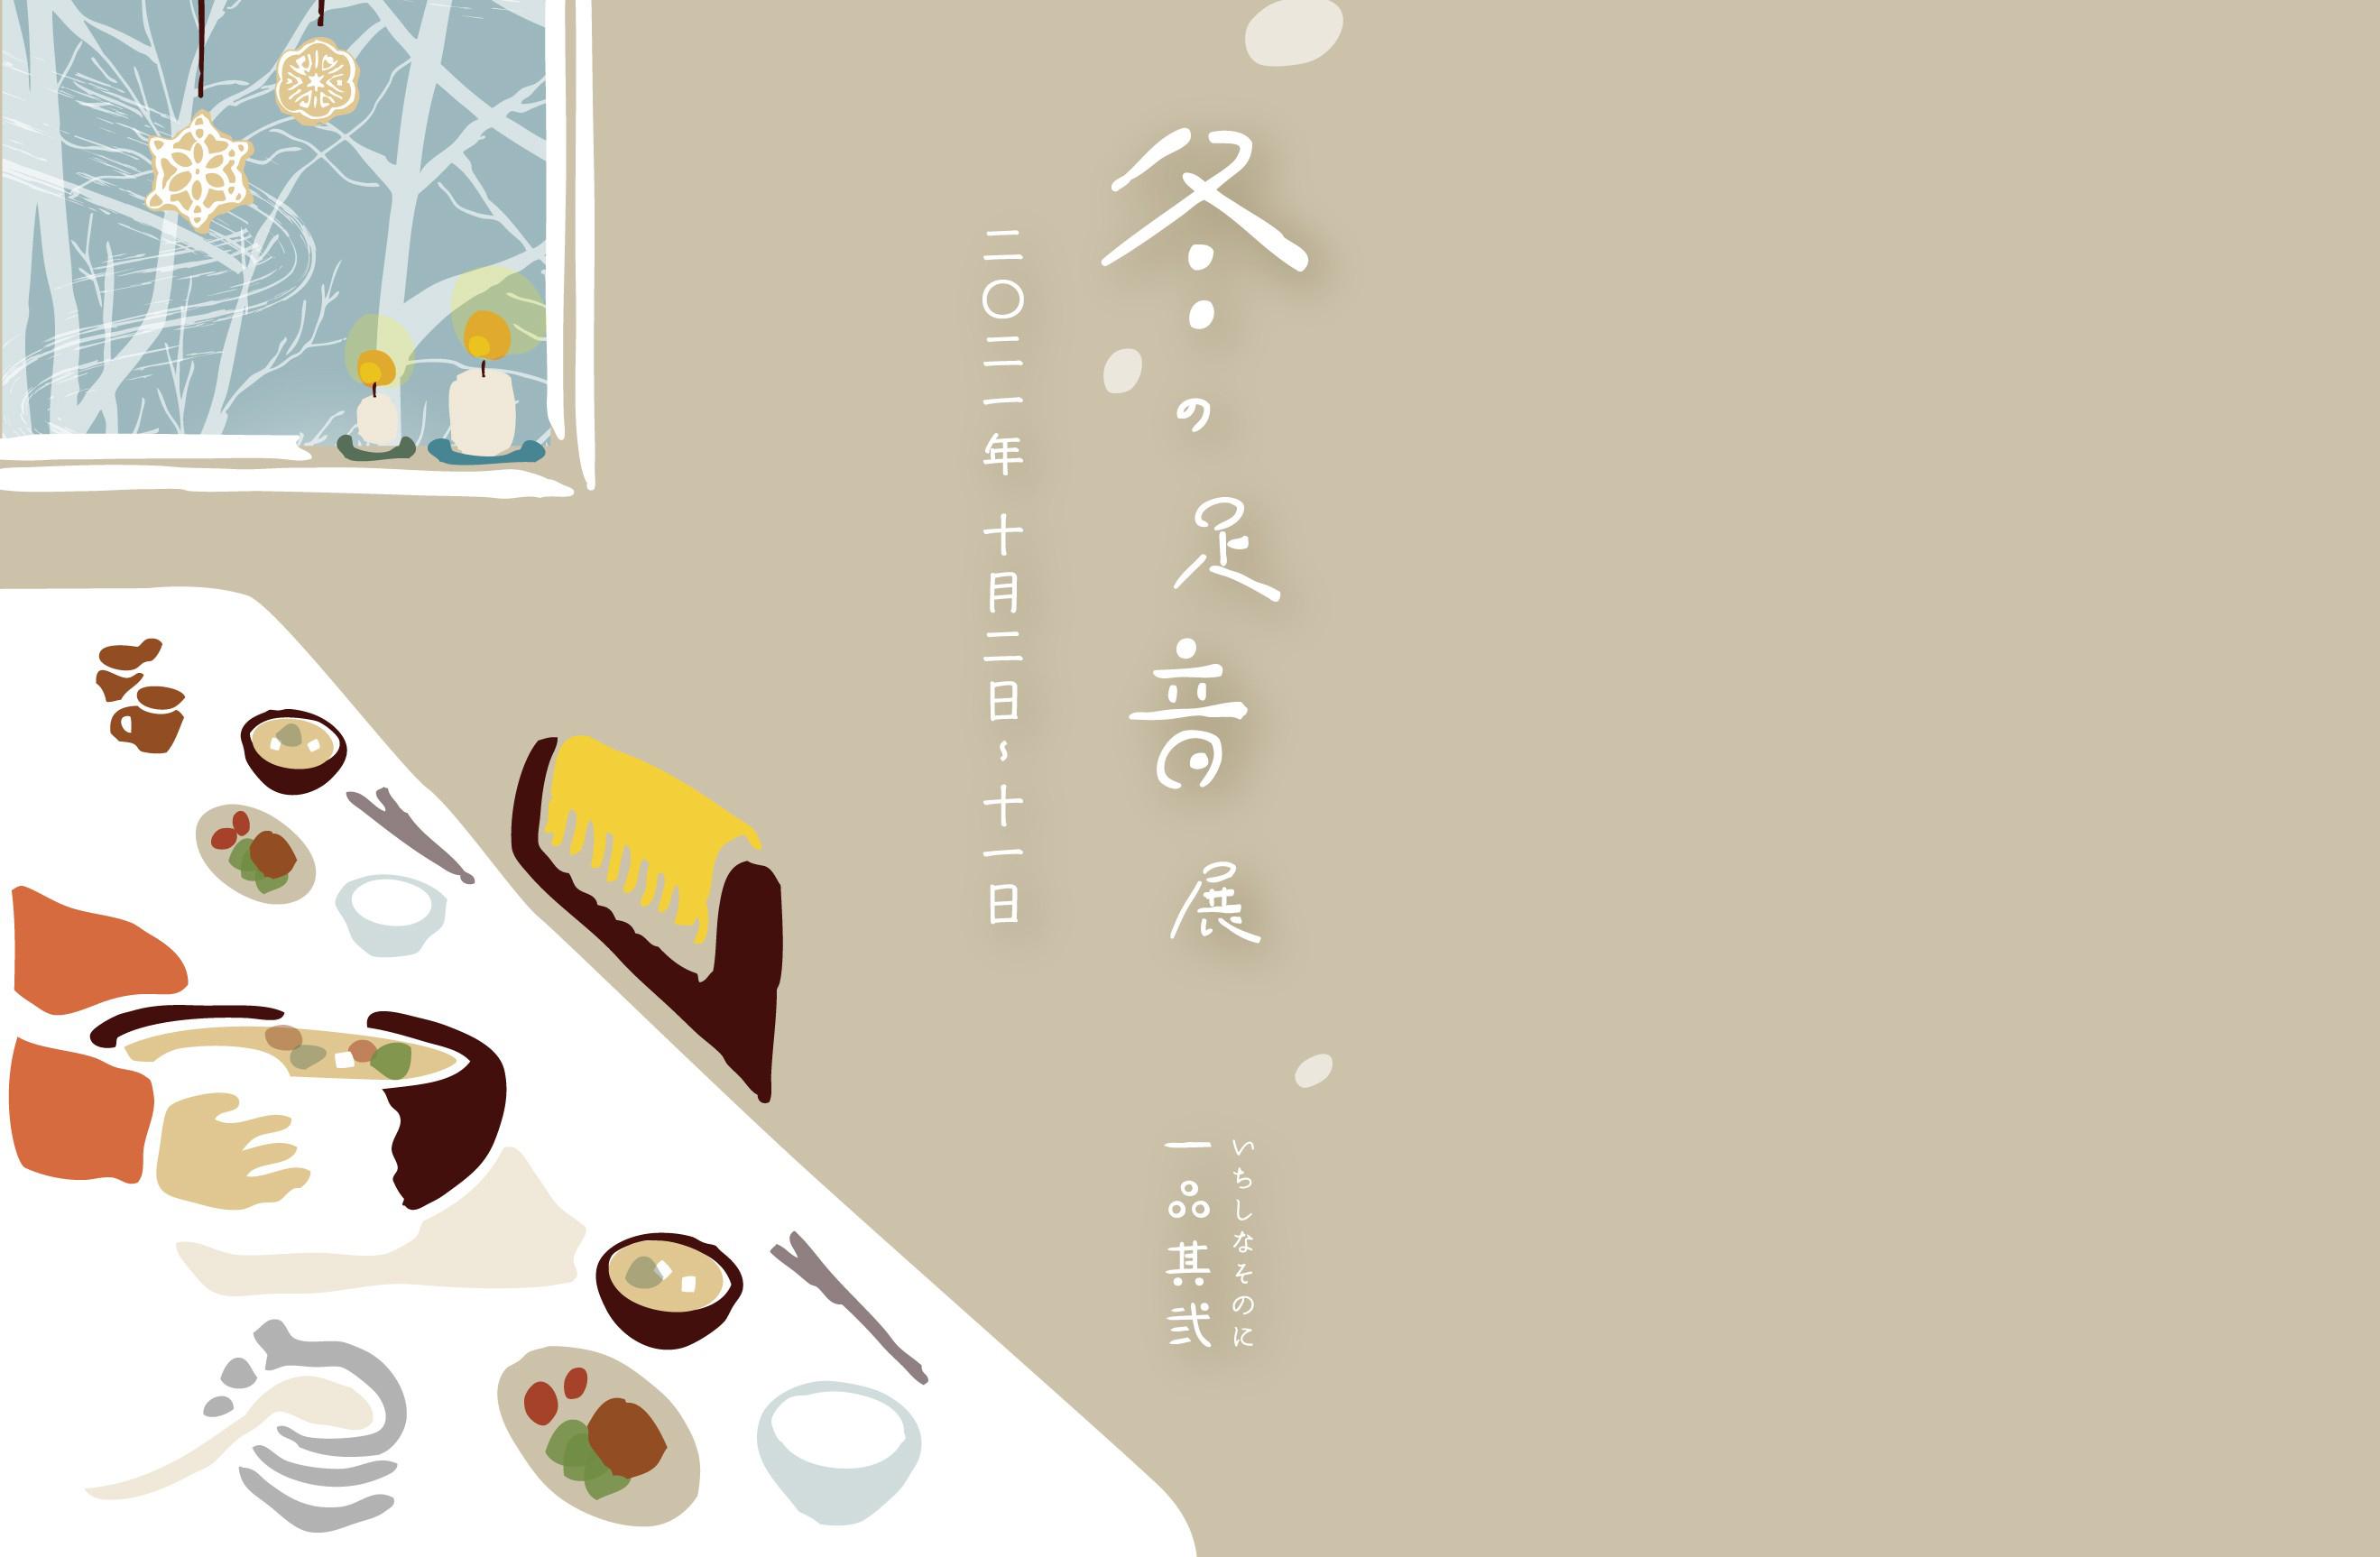 三重県「ichishina」さんで企画展が始まります。